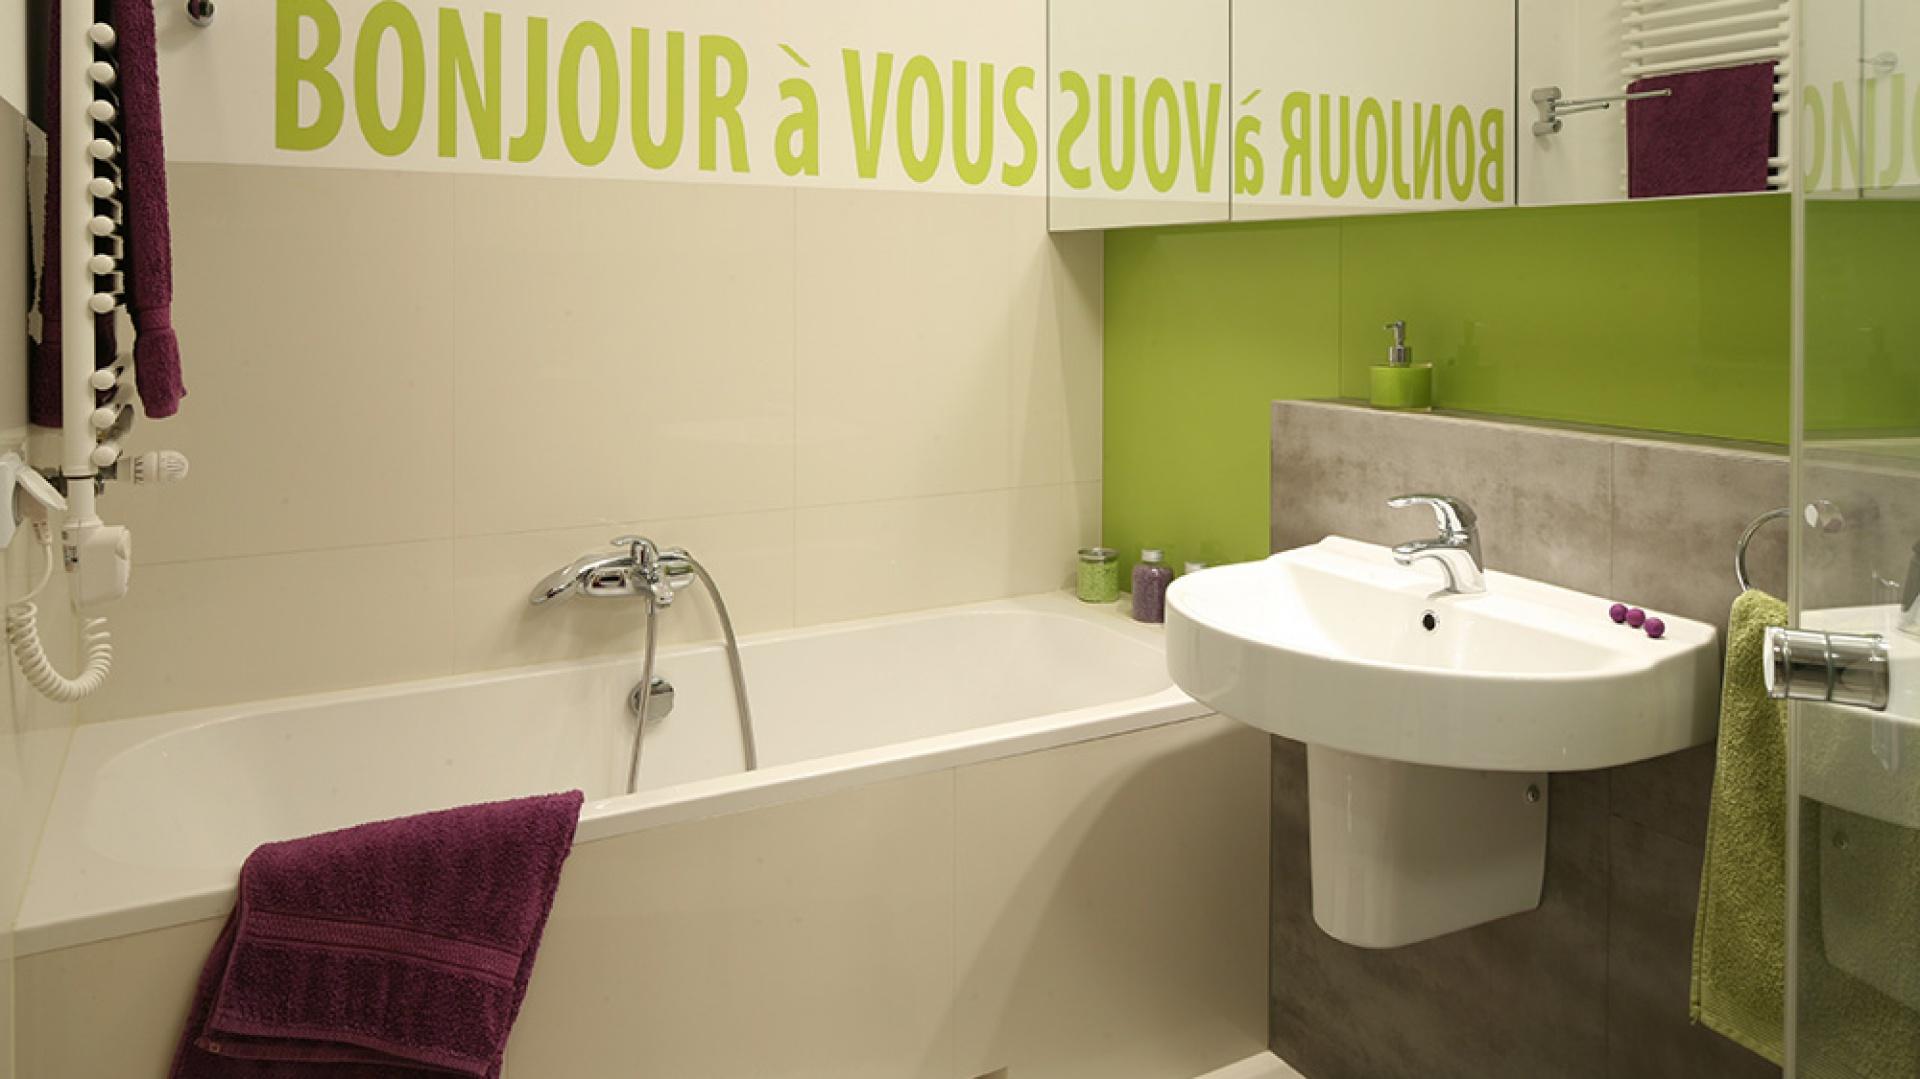 Napis w zielonym kolorze właściciele własnoręcznie namalowali na ścianie nad wanną. Specjalny szablon, który ułatwił im pracę, został zamówiony w agencji reklamowej. Fot. Bartosz Jarosz.